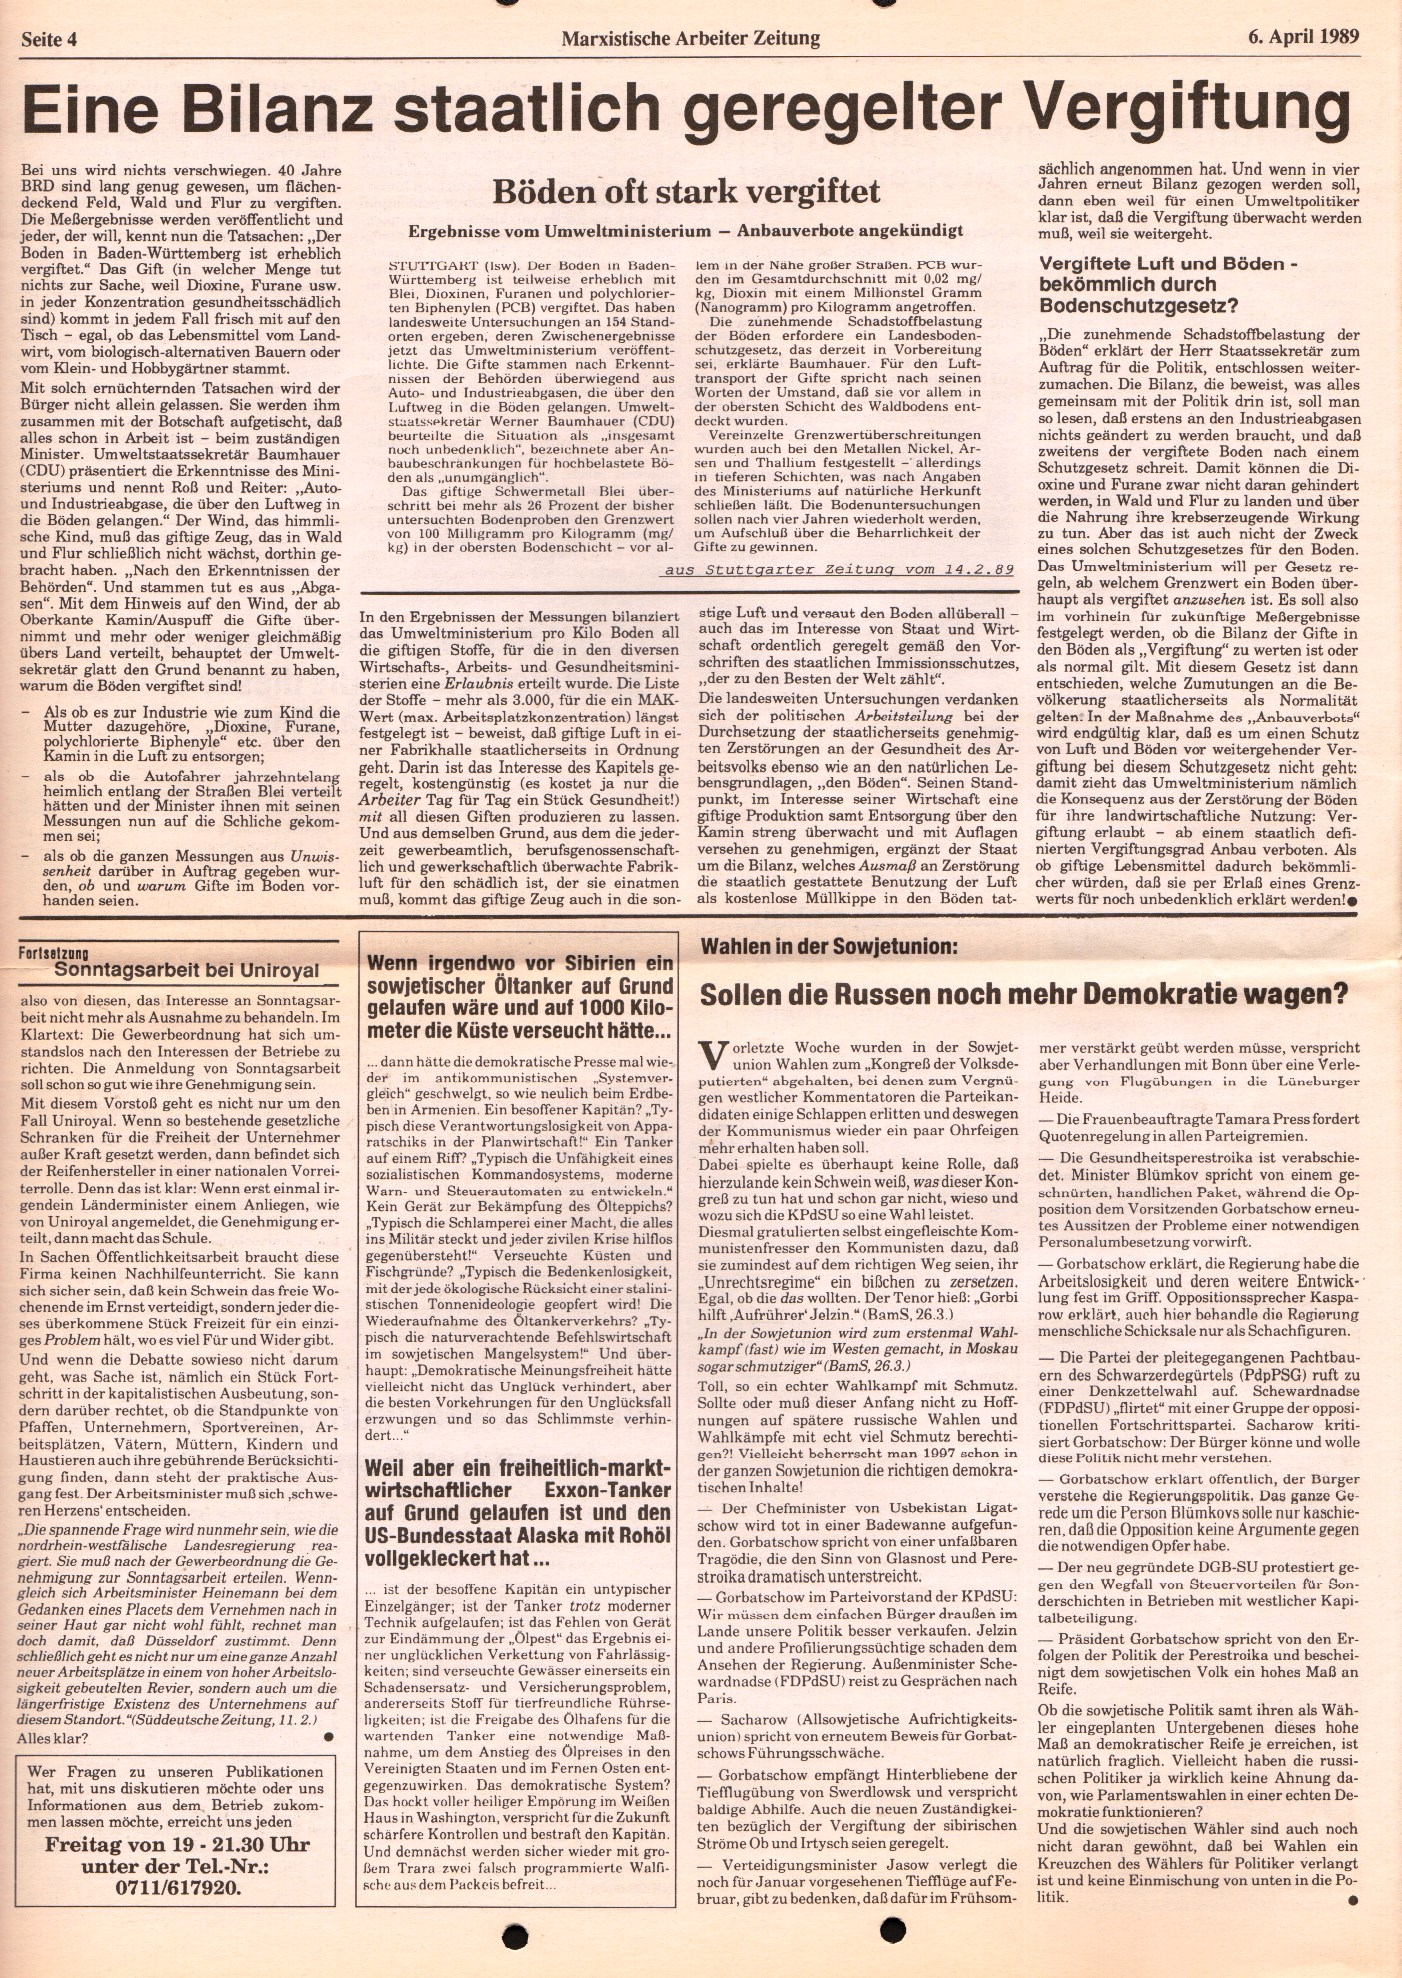 BW_MG_Marxistische_Arbeiterzeitung_19890406_04